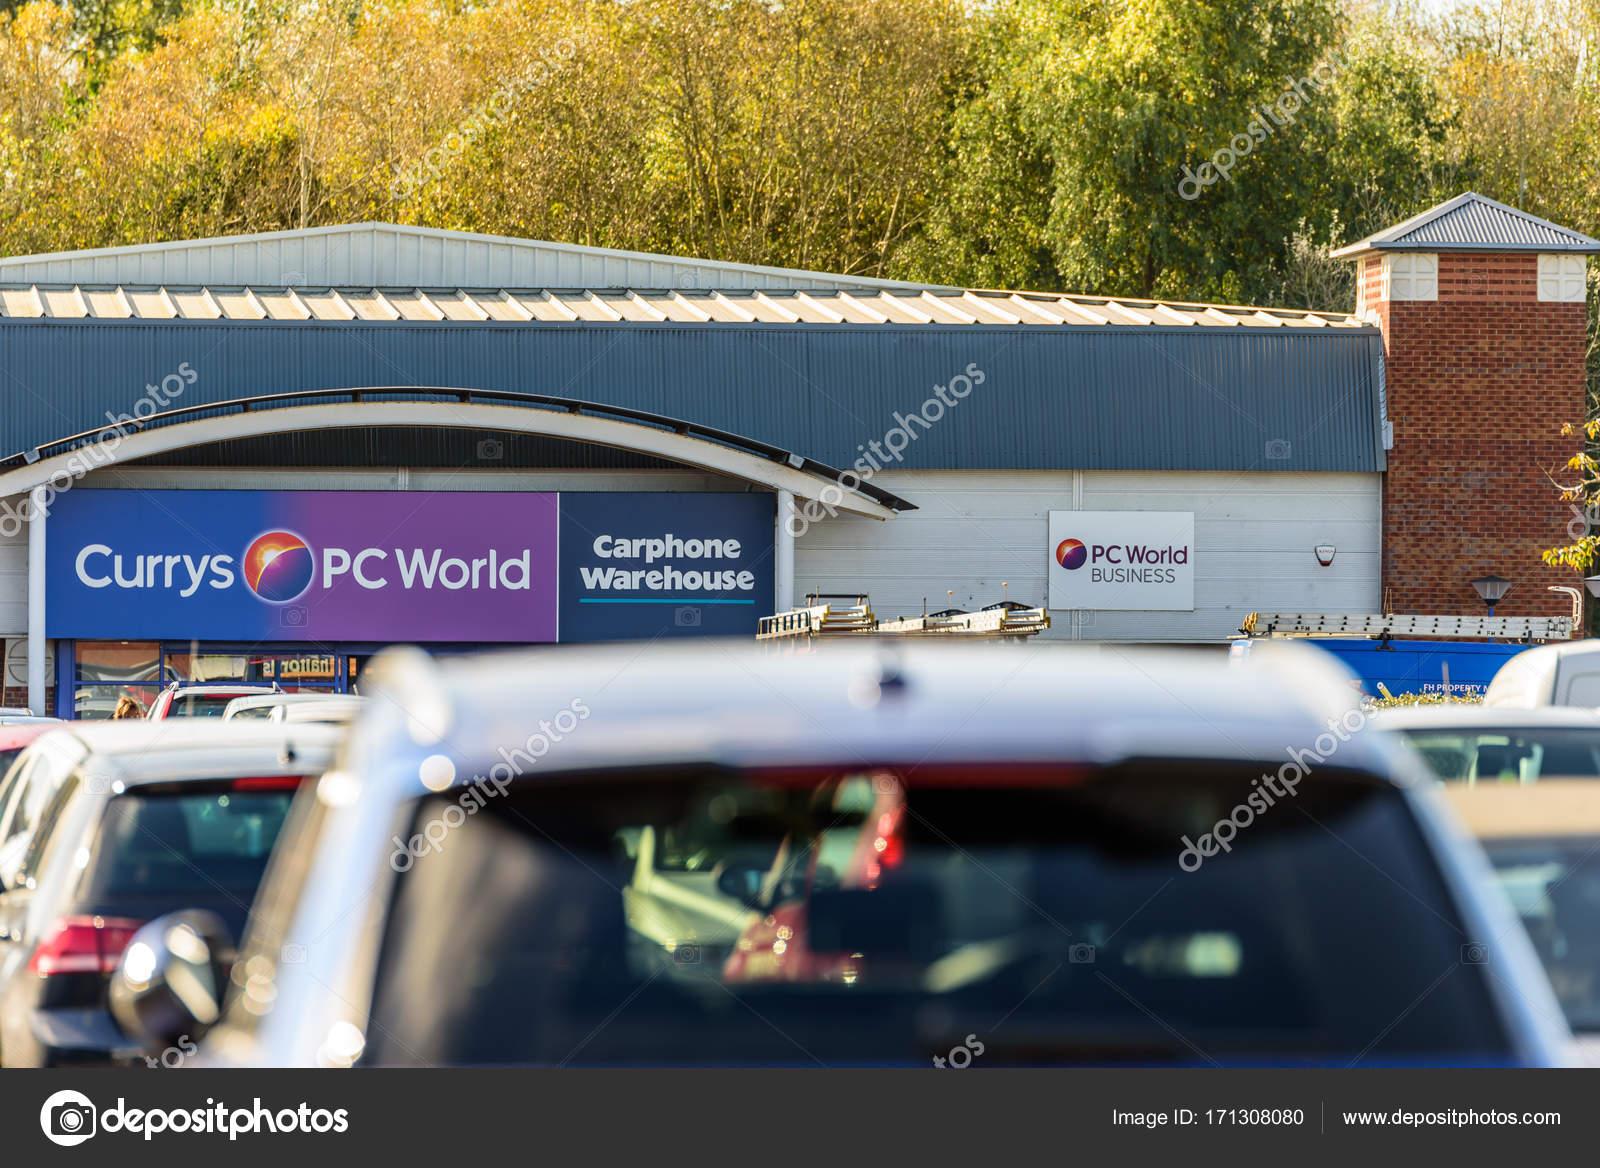 Pc world downloads uk.